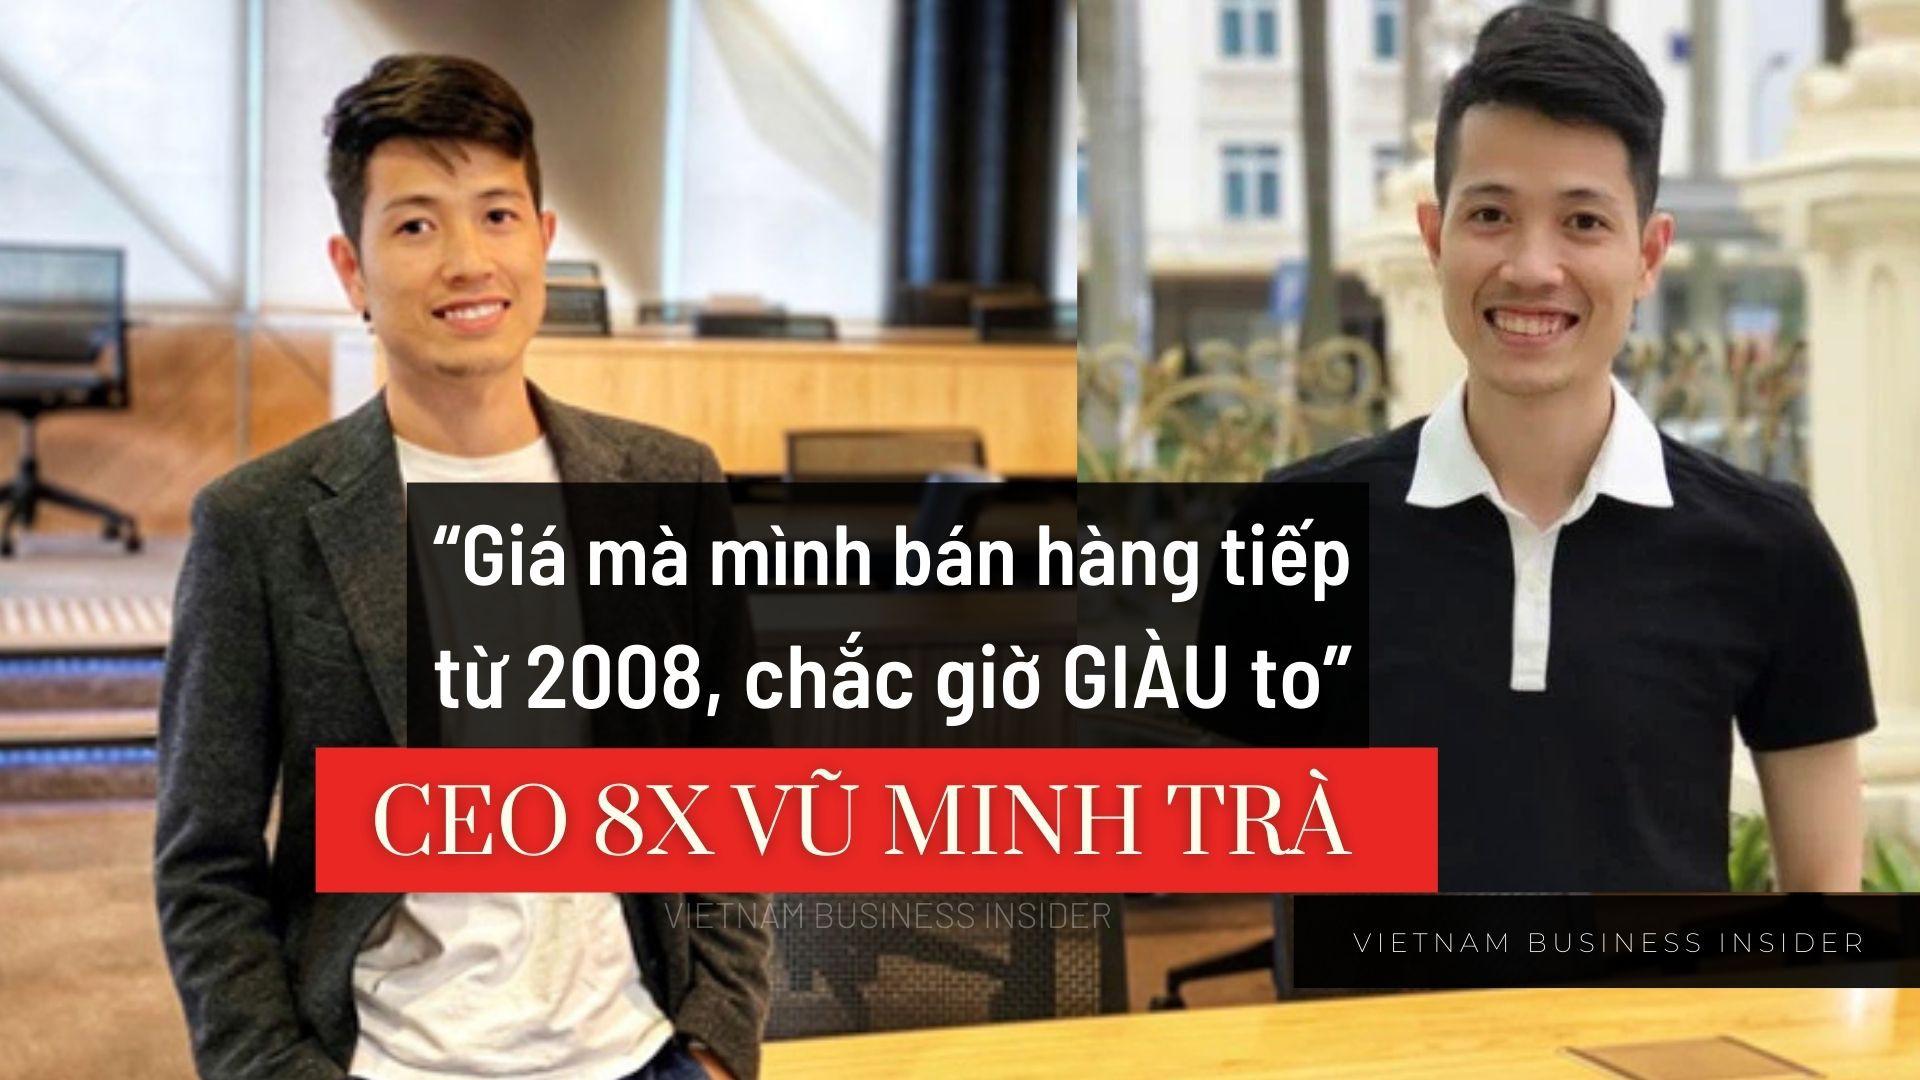 21 tuổi đã kiếm 100tr/tháng bằng bán hàng Online ở Việt Nam như thế nào?